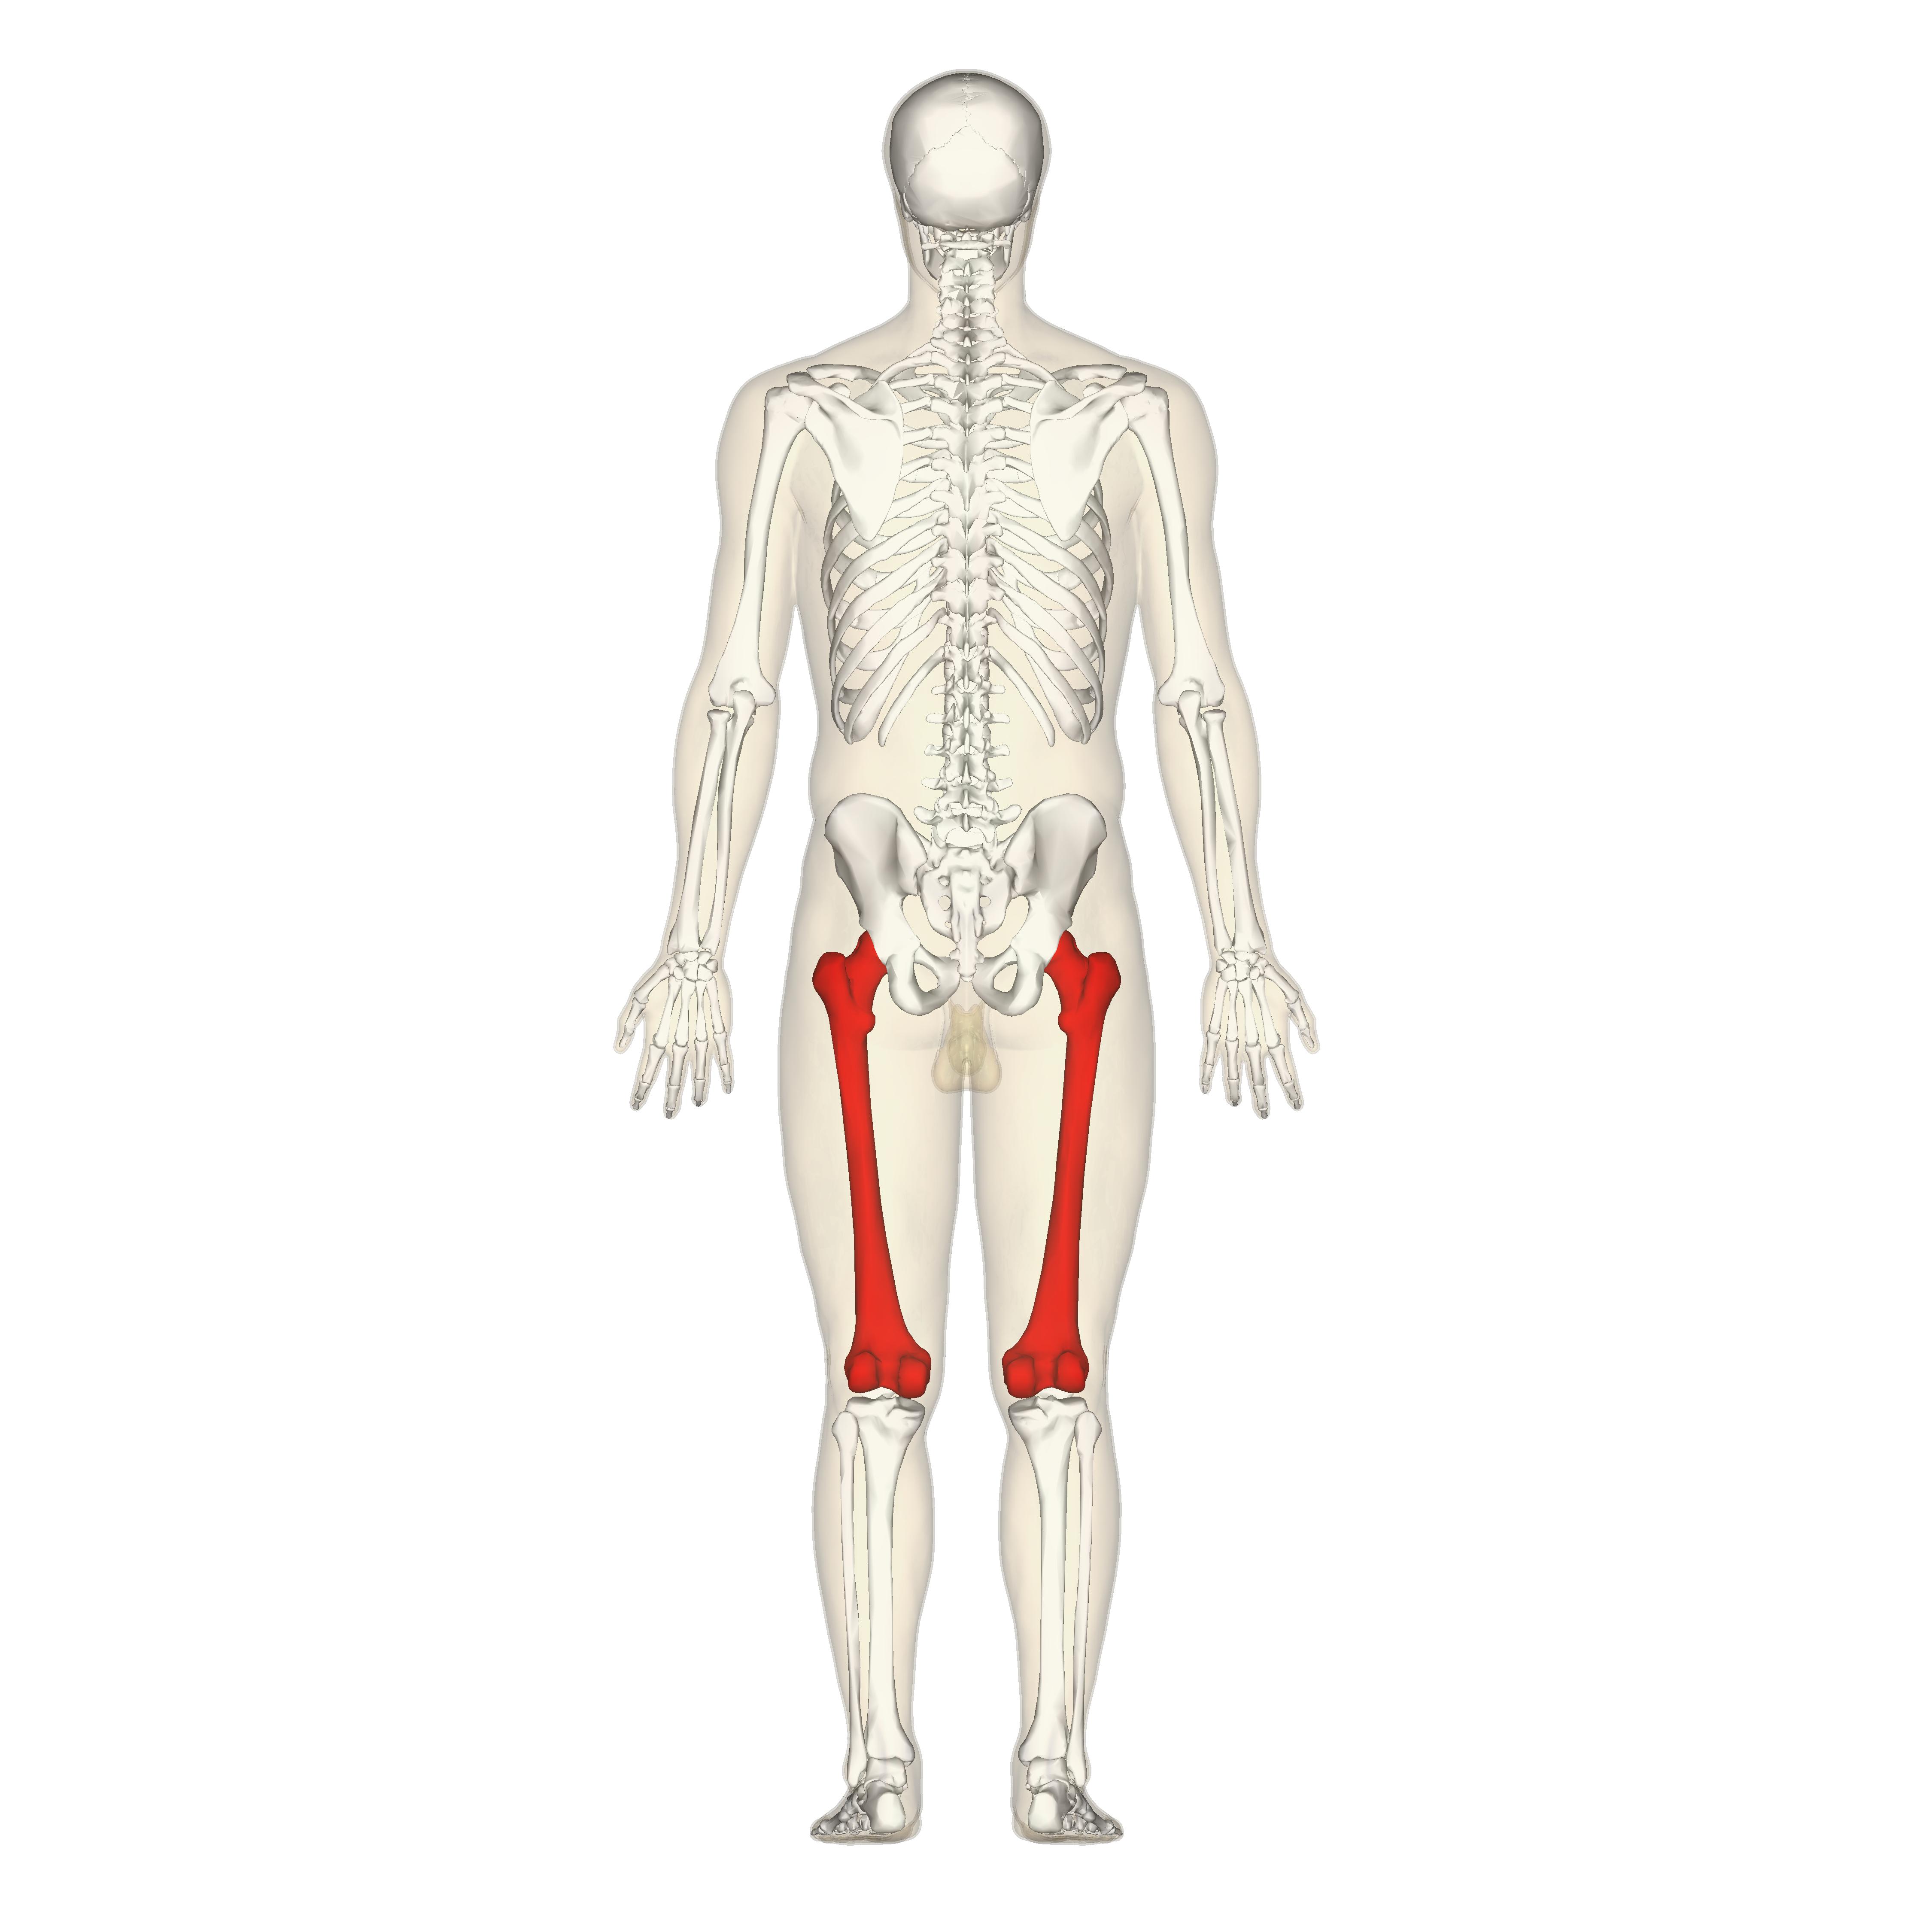 Human Femur File:femur - posterior view.